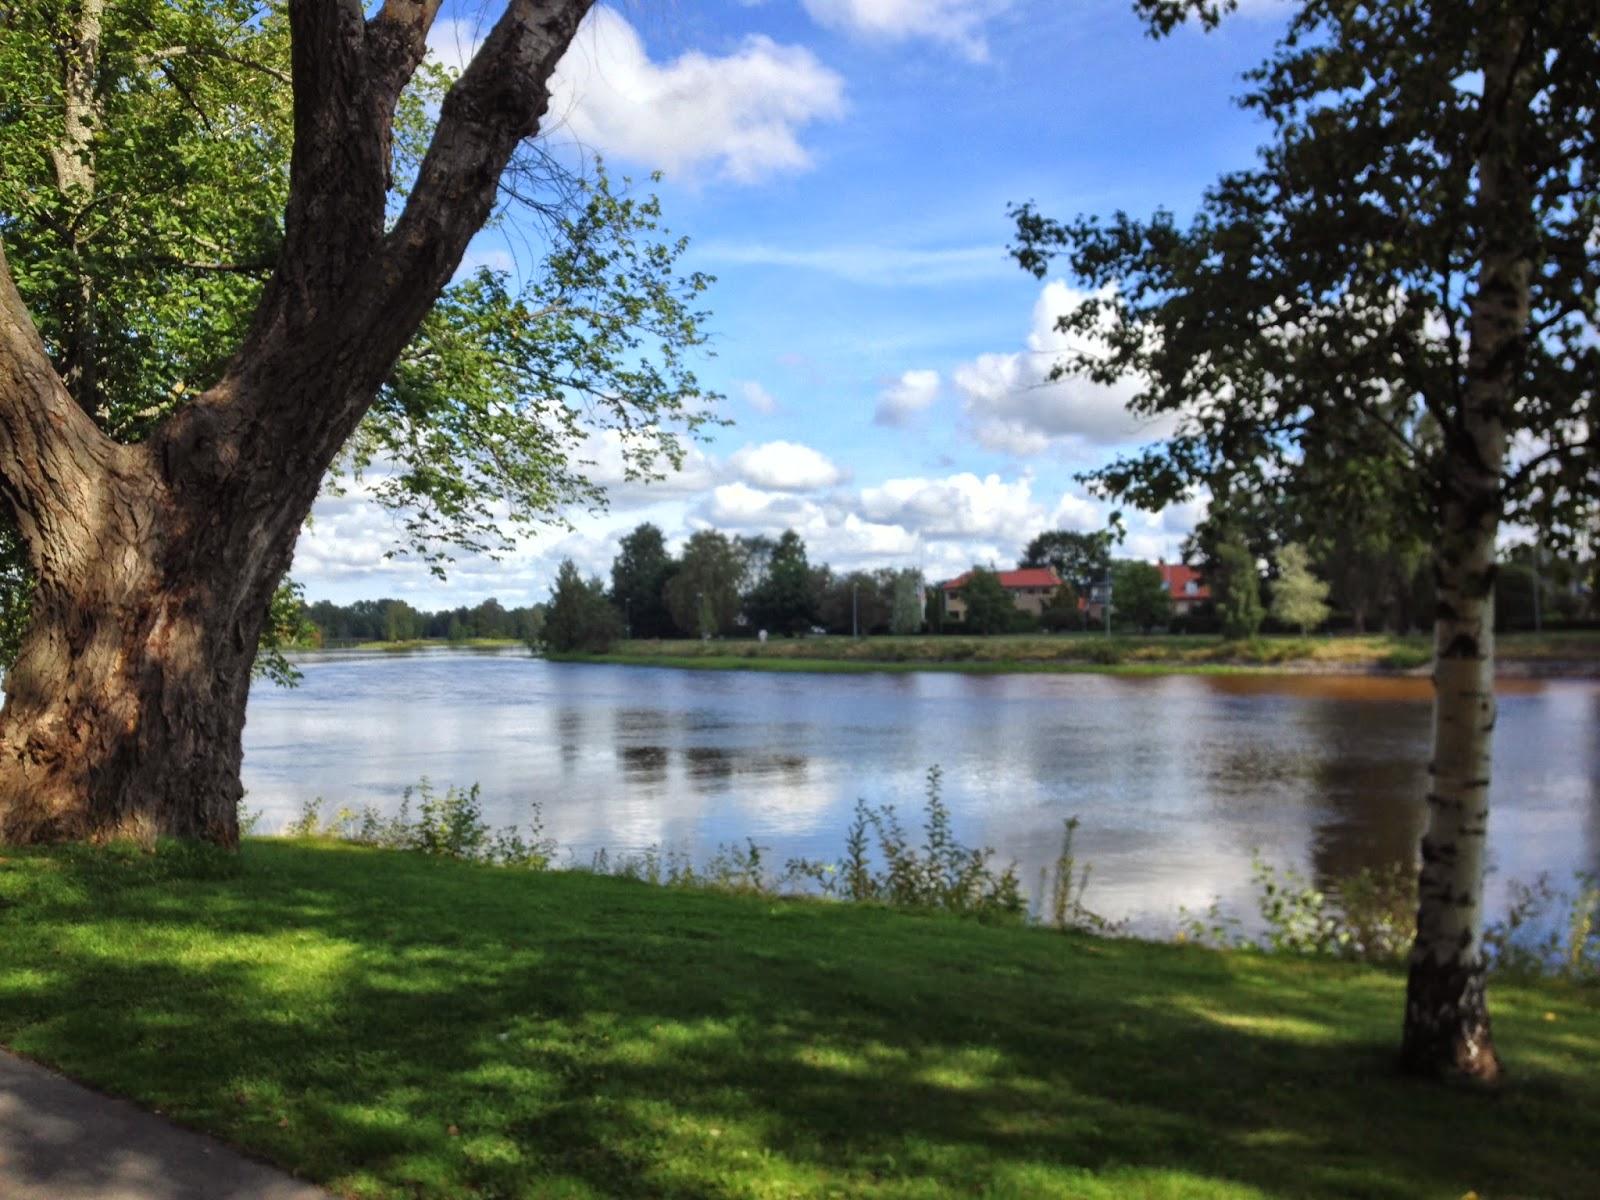 The Klarälven river, Karlstad